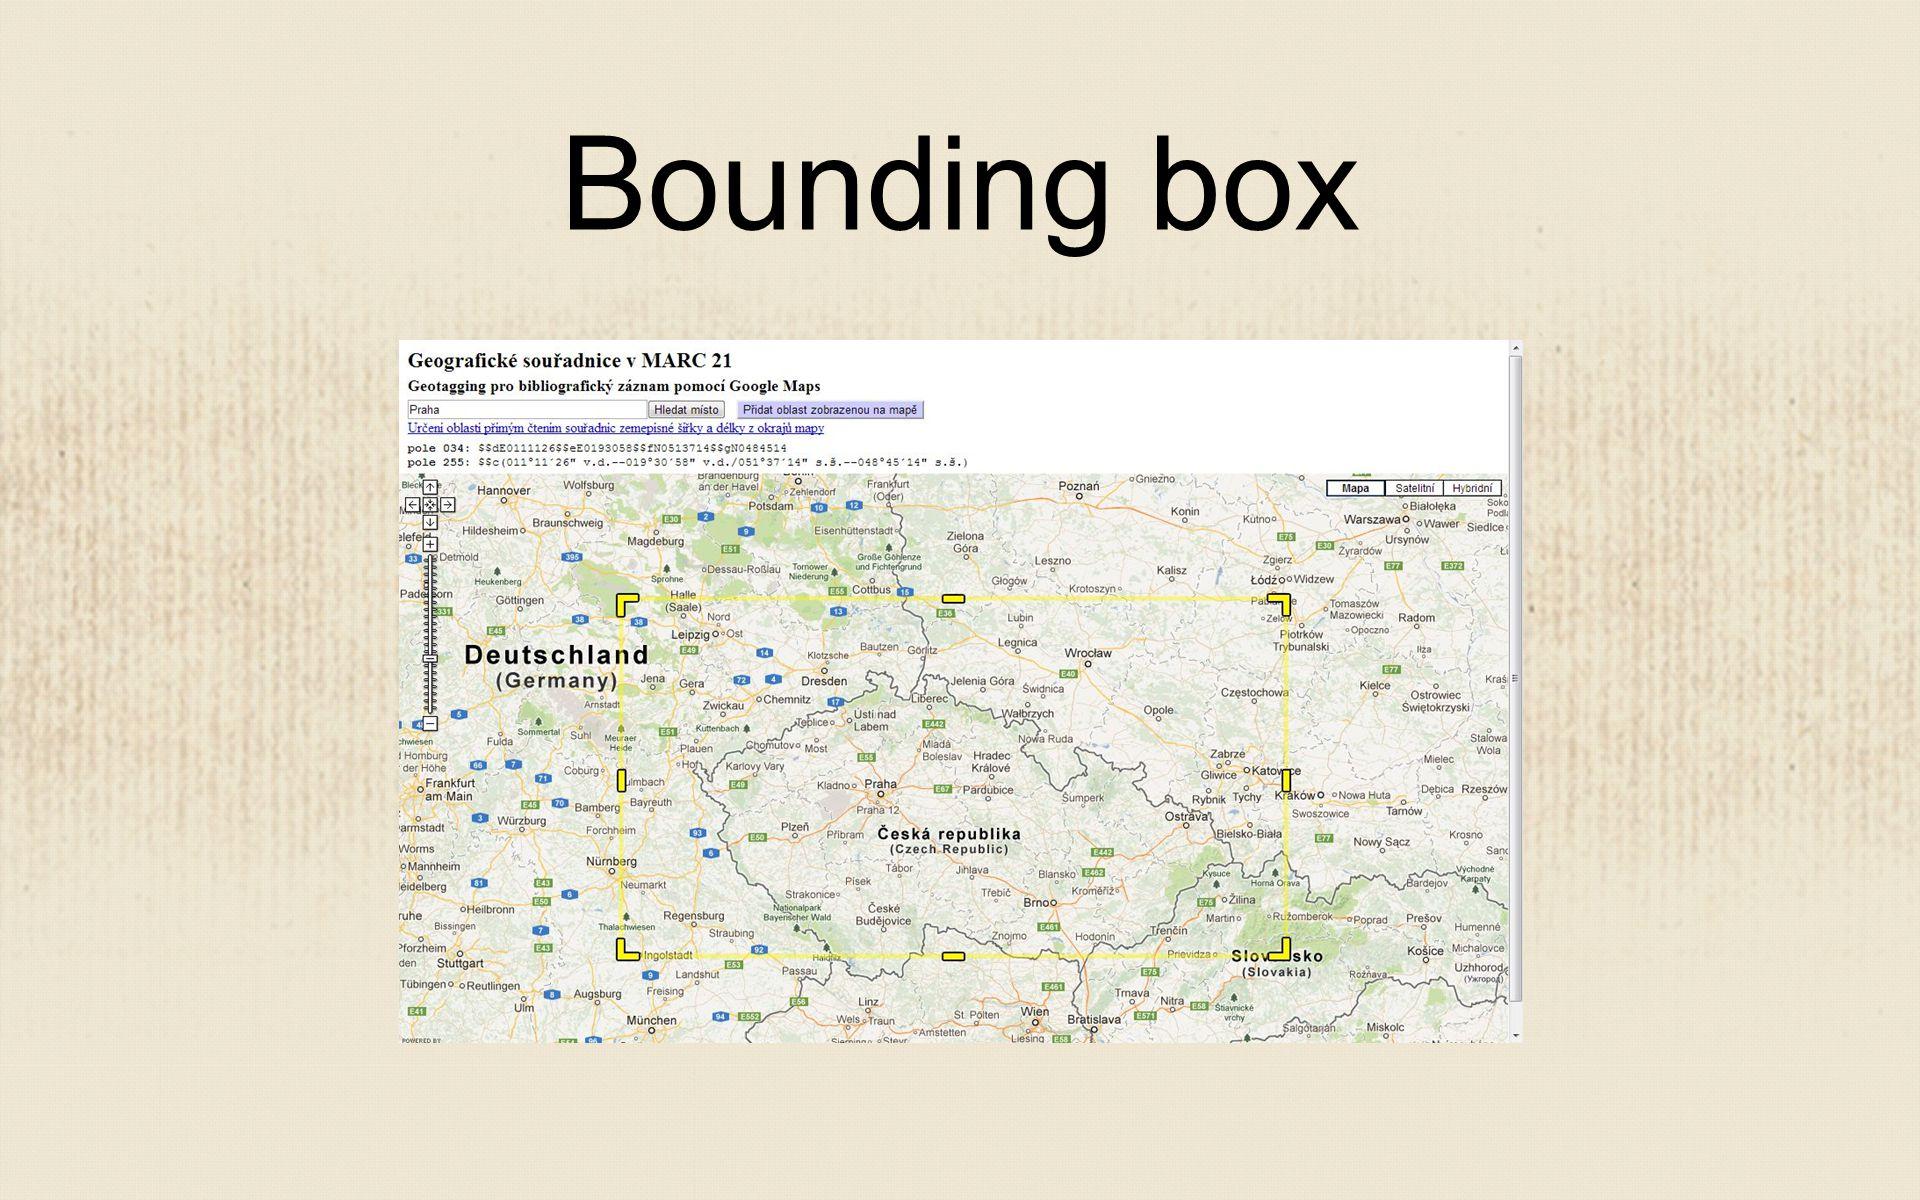 Staré mapy online Doplnění kódu Open Layers prohlížečky (Skotská národní knihovna) IIPImage JPEG 2000 server (Irská národní knihovna, Kramerius 4) Georeferencer (Nizozemský národní archiv, Skotská národní knihovna) Map Tiler (desítky tisíc stažení) Vyhledávání map označením území